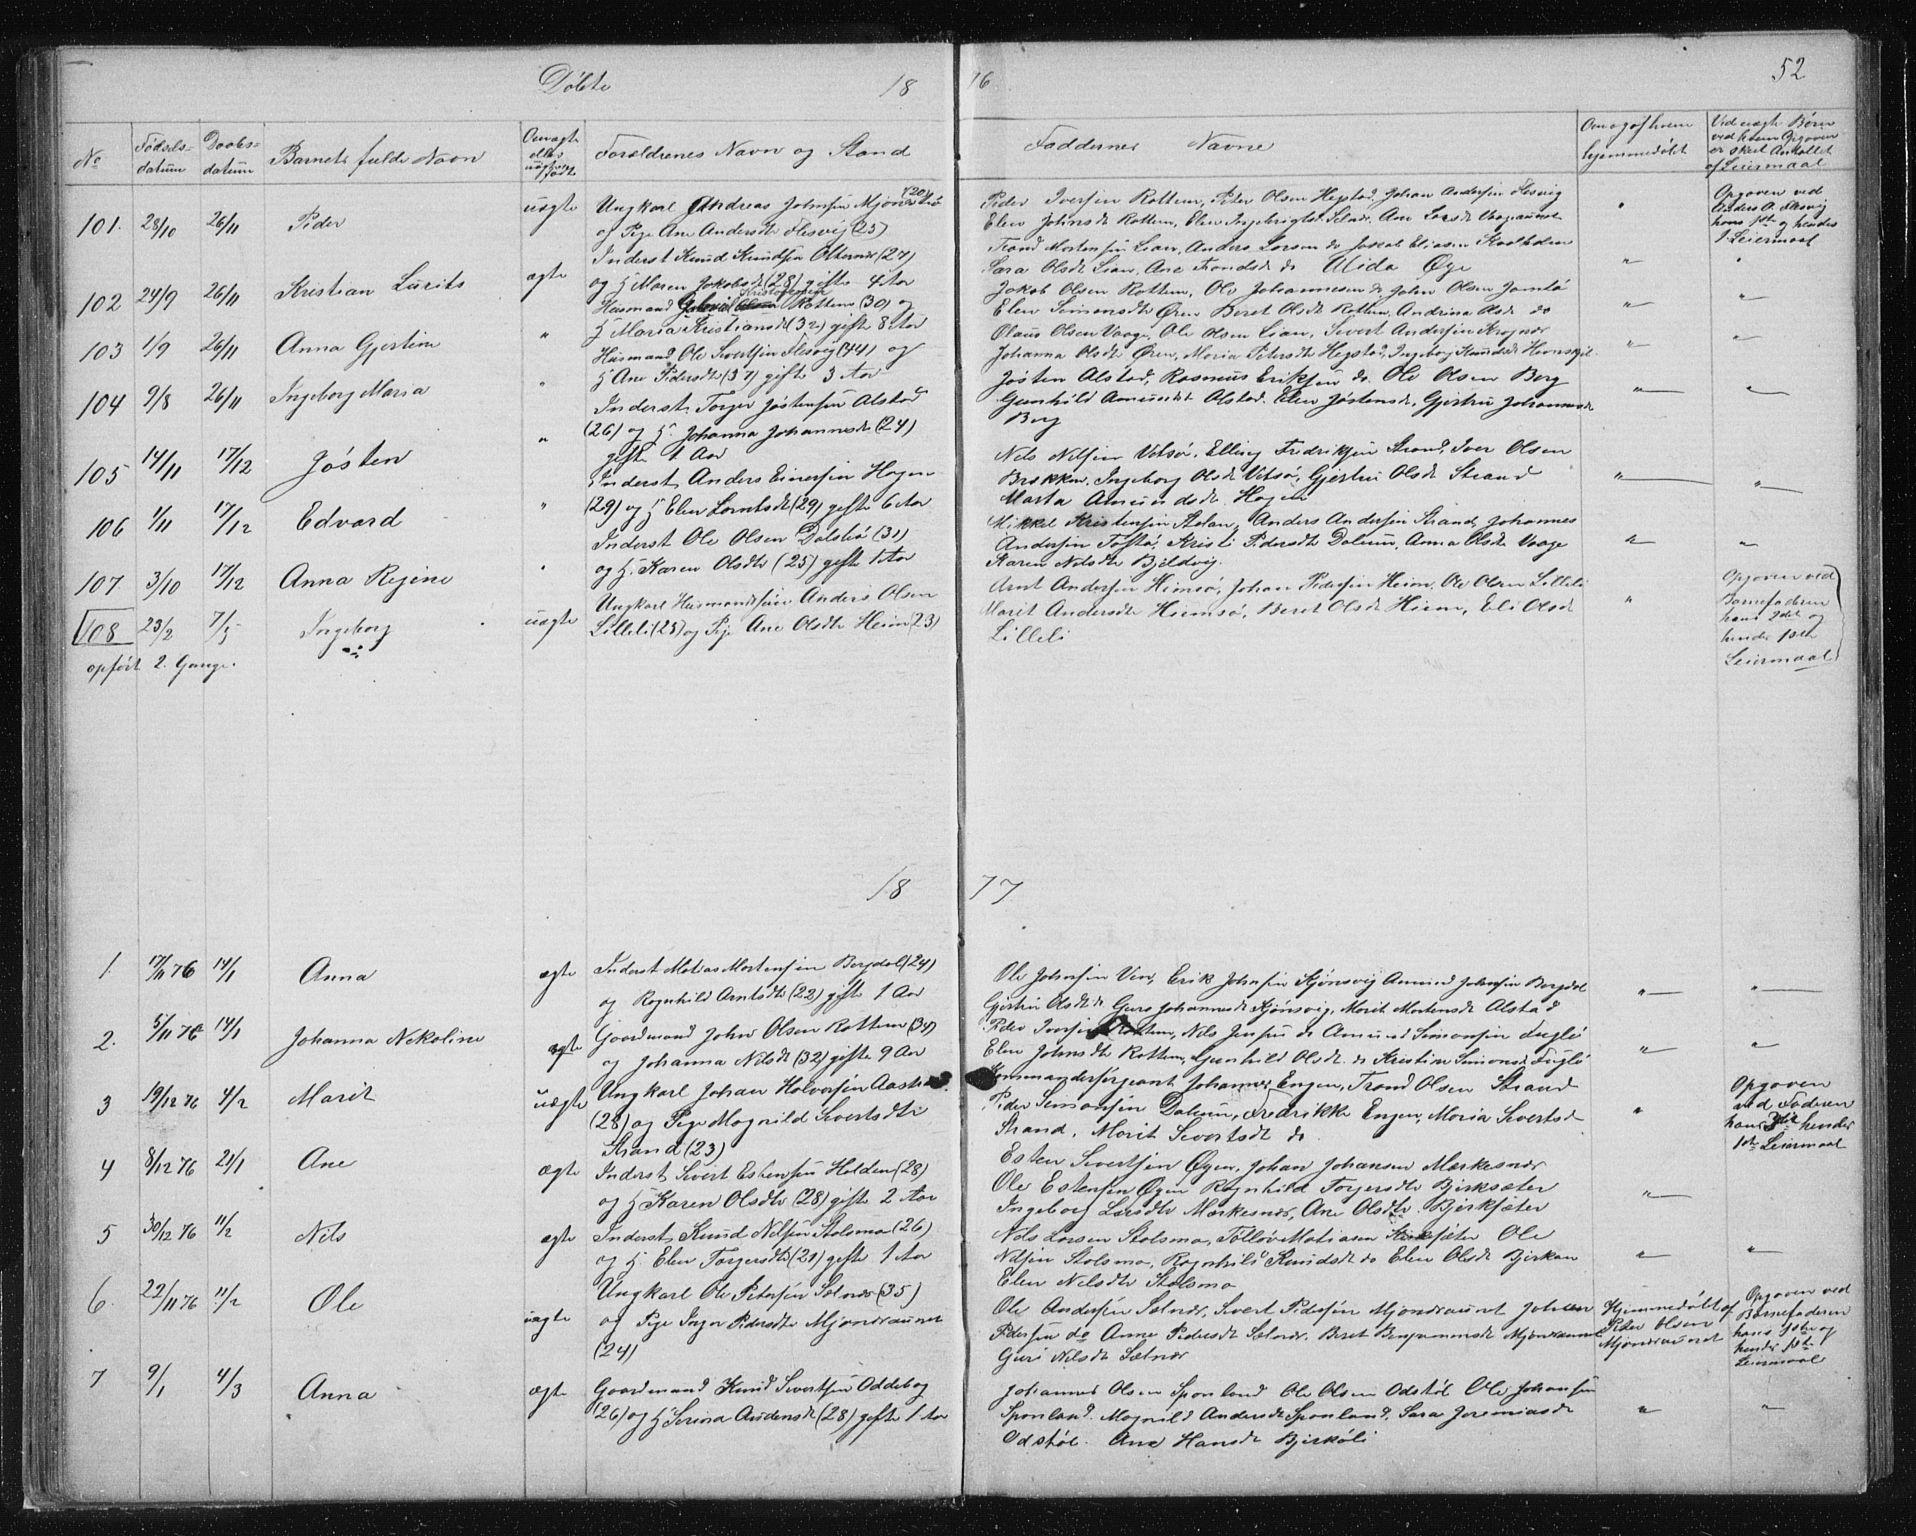 SAT, Ministerialprotokoller, klokkerbøker og fødselsregistre - Sør-Trøndelag, 630/L0503: Klokkerbok nr. 630C01, 1869-1878, s. 52